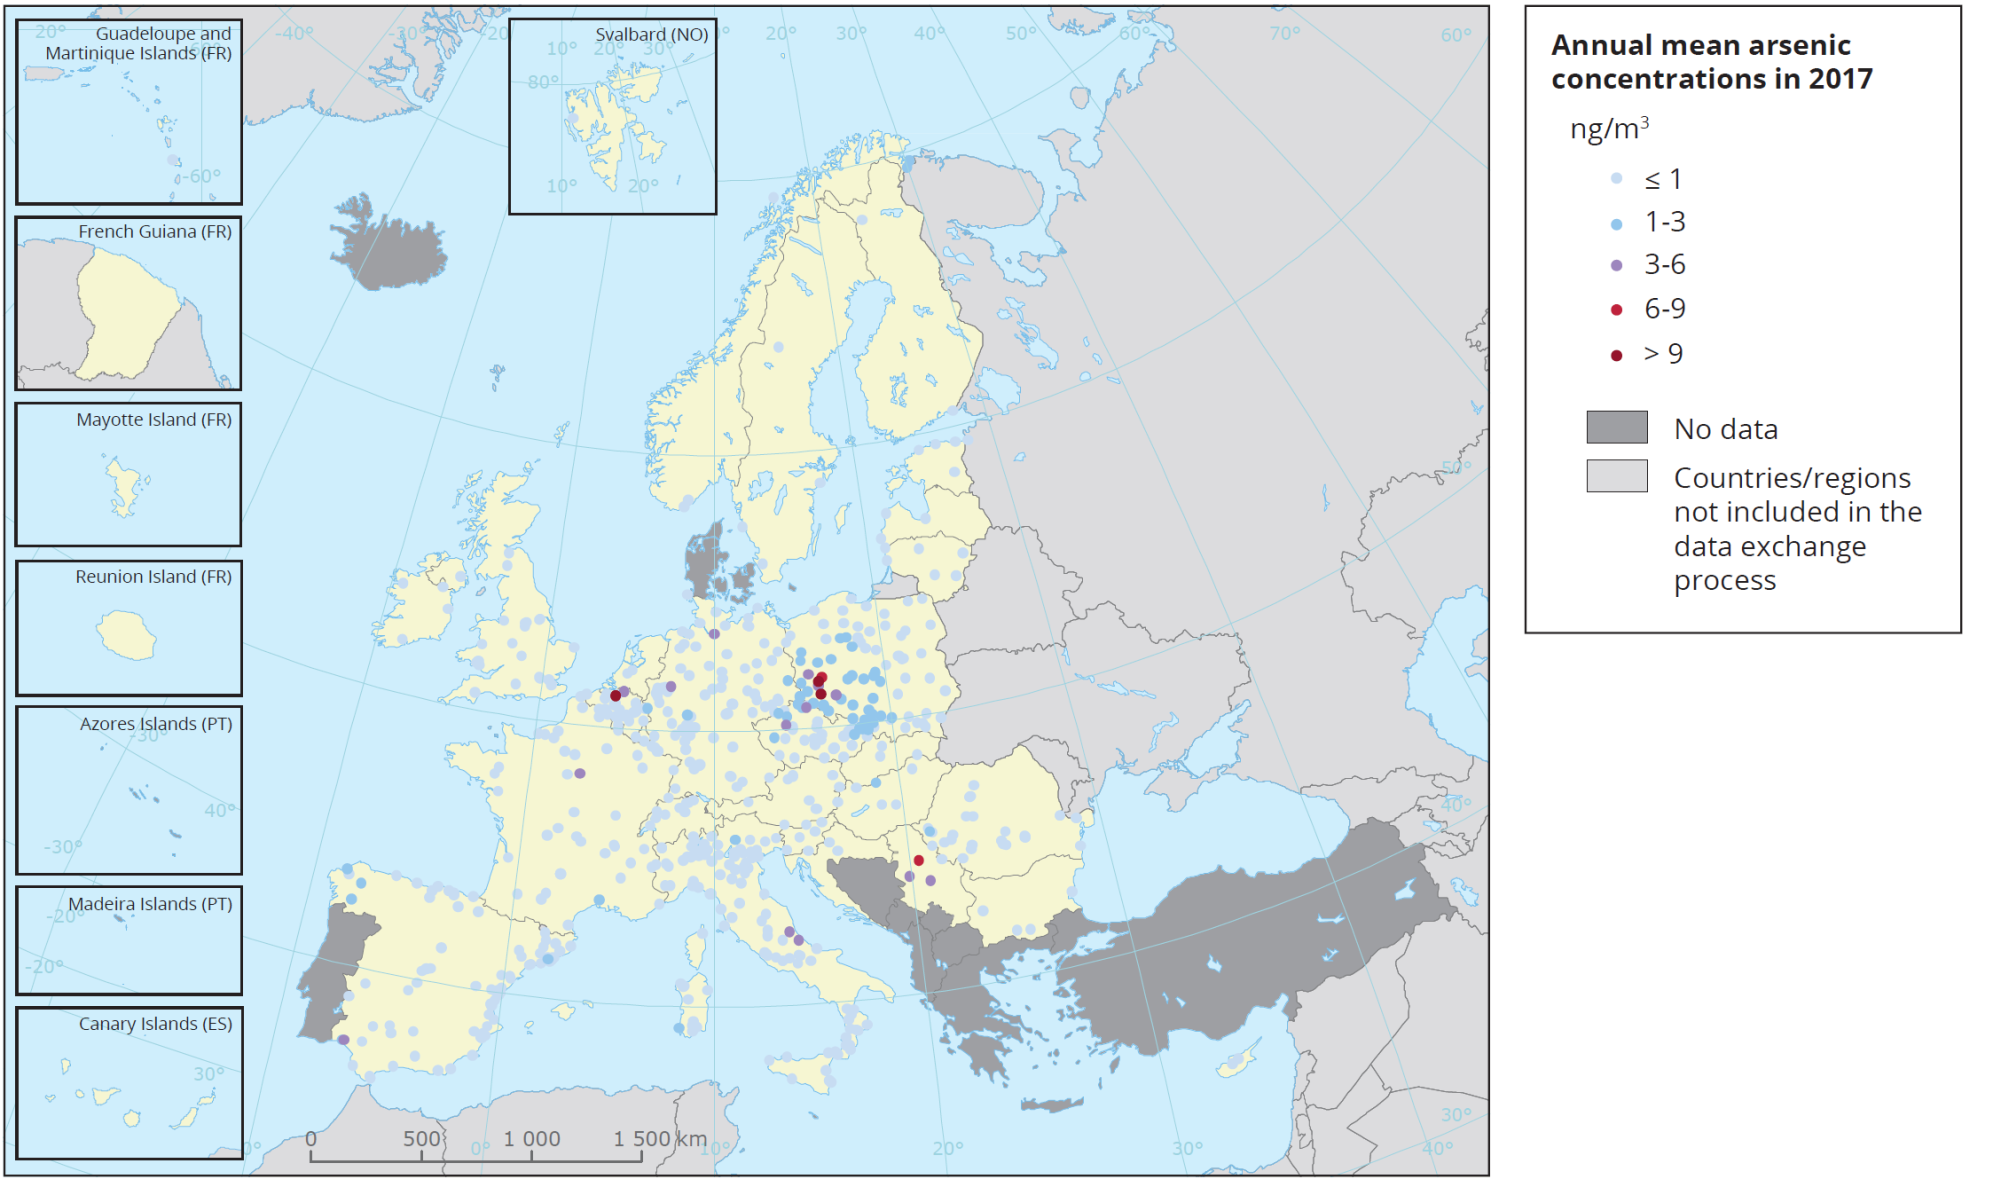 Przestrzenne zróżnicowanie średniorocznych stężeń arsenu w pyle PM10, w Europie, w roku 2017